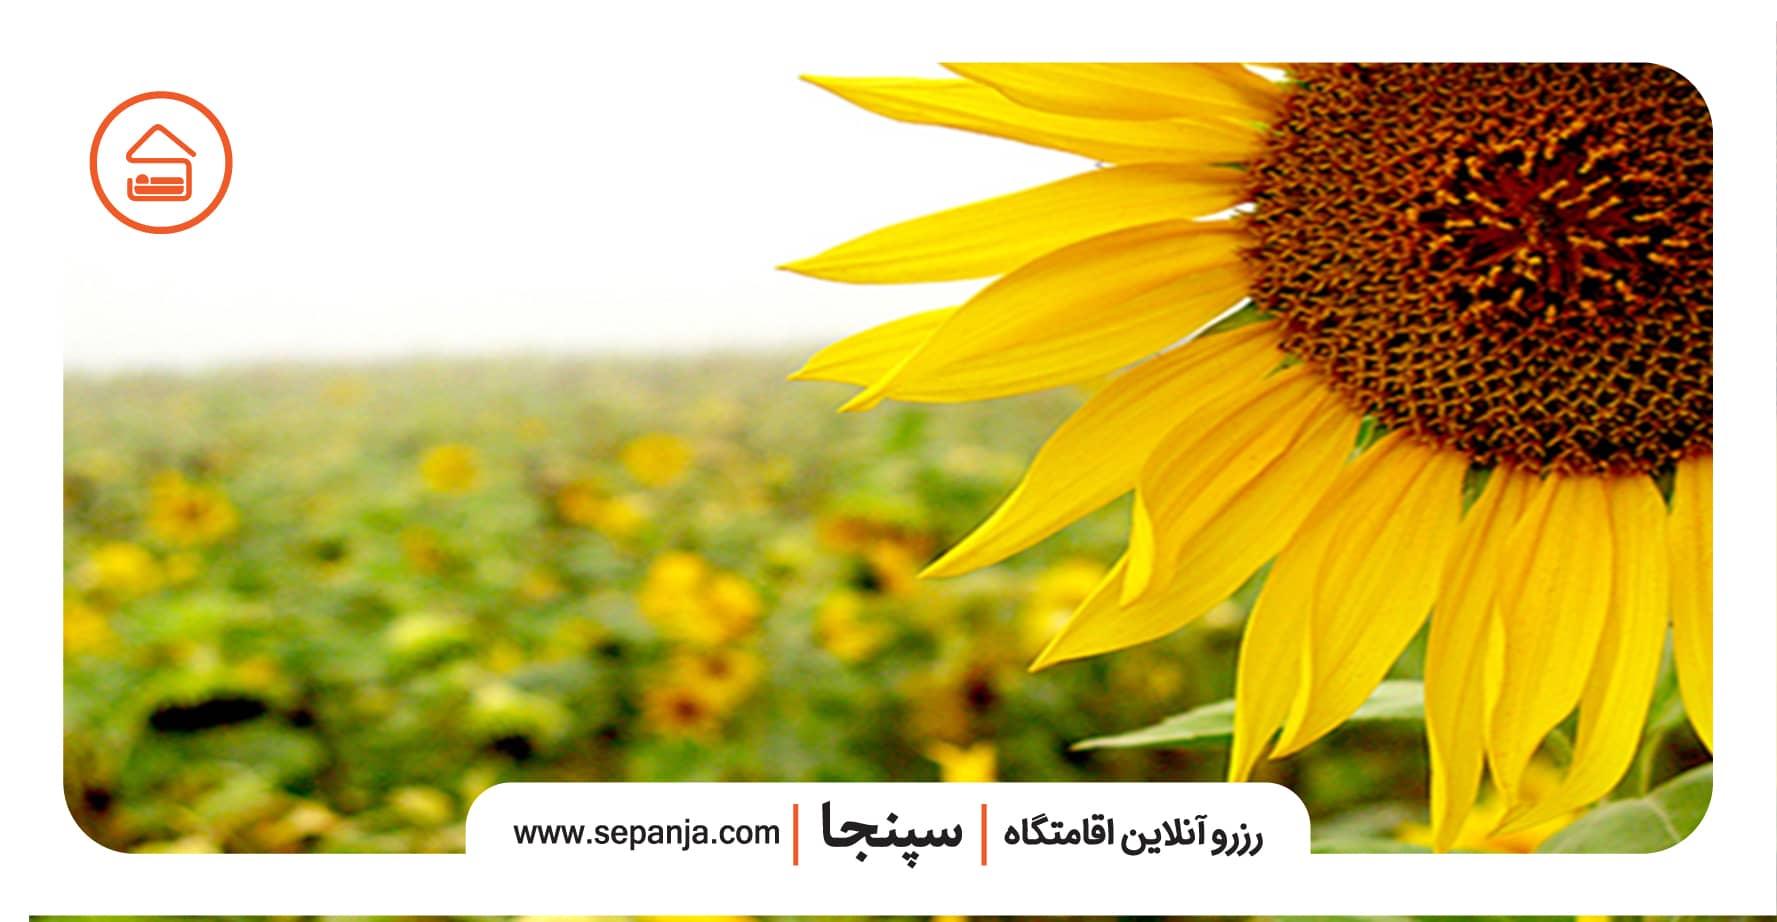 دشت آفتابگردان از بهترین جاهای دیدنی استان سمنان